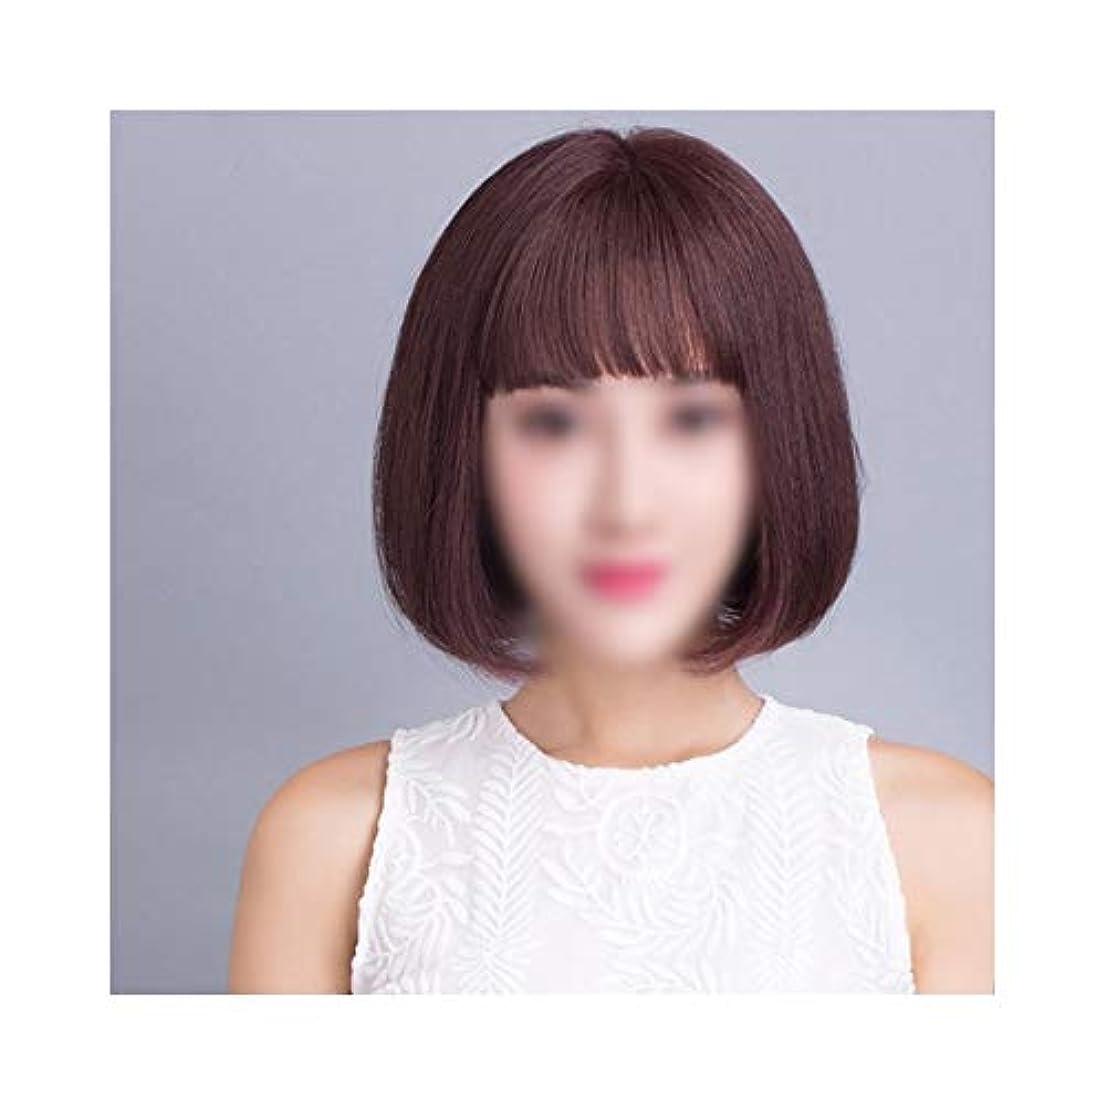 重さいとこ鼻YOUQIU エア前髪ウィッグウィッグで女子ショートヘアレアル髪ボブウィッグ (色 : Hand-woven top heart - dark brown)